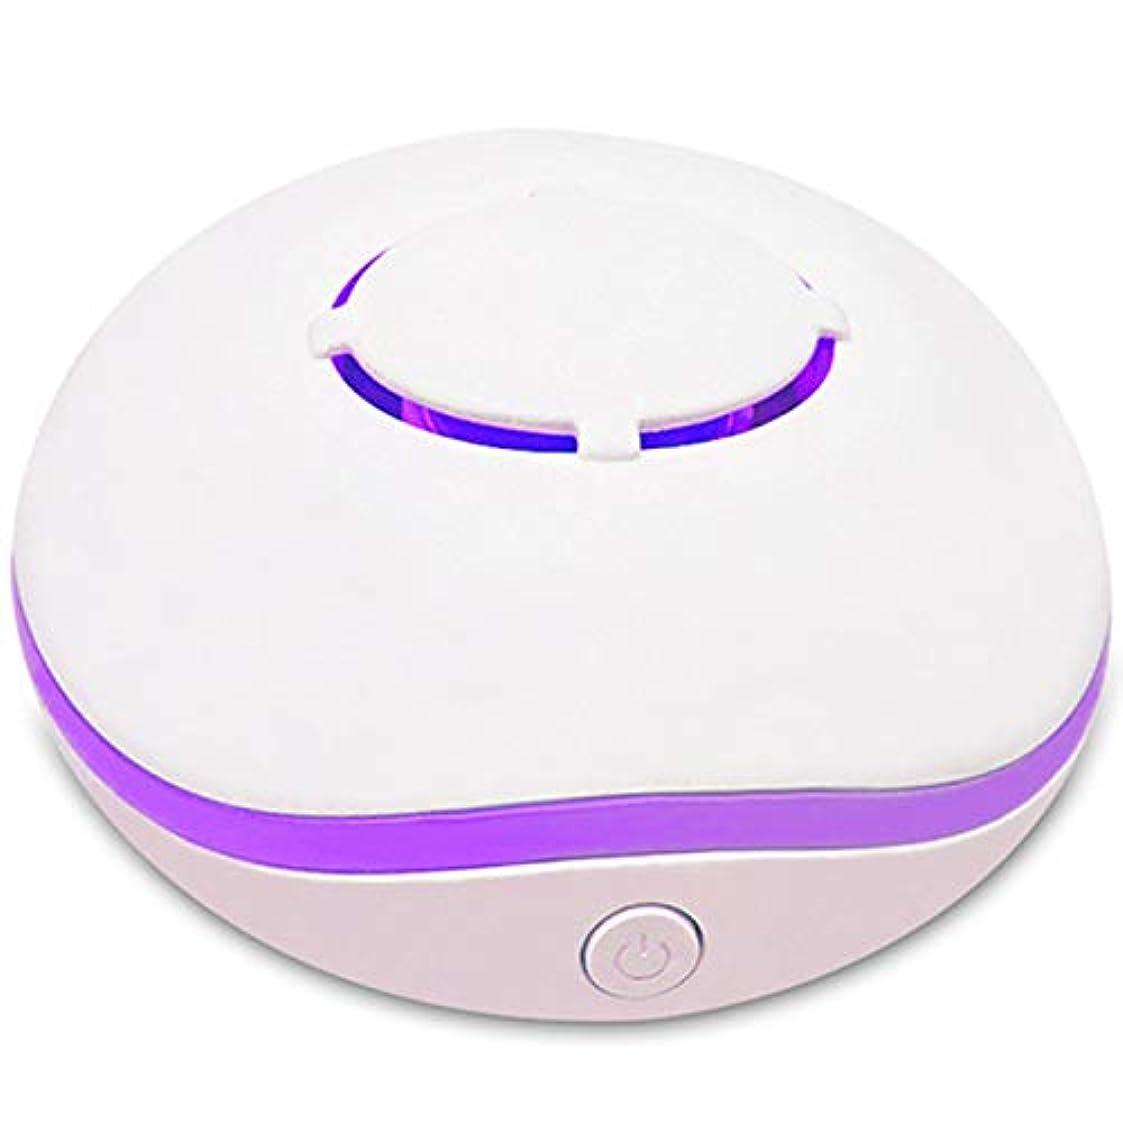 ピースバレエ理容師SODIAL 無水アロマ?ミニディフューザー、エッセンシャルオイルの携帯用ネブライザー、アロマオイルの拡散、家庭用、2つの接続電源モード、白色